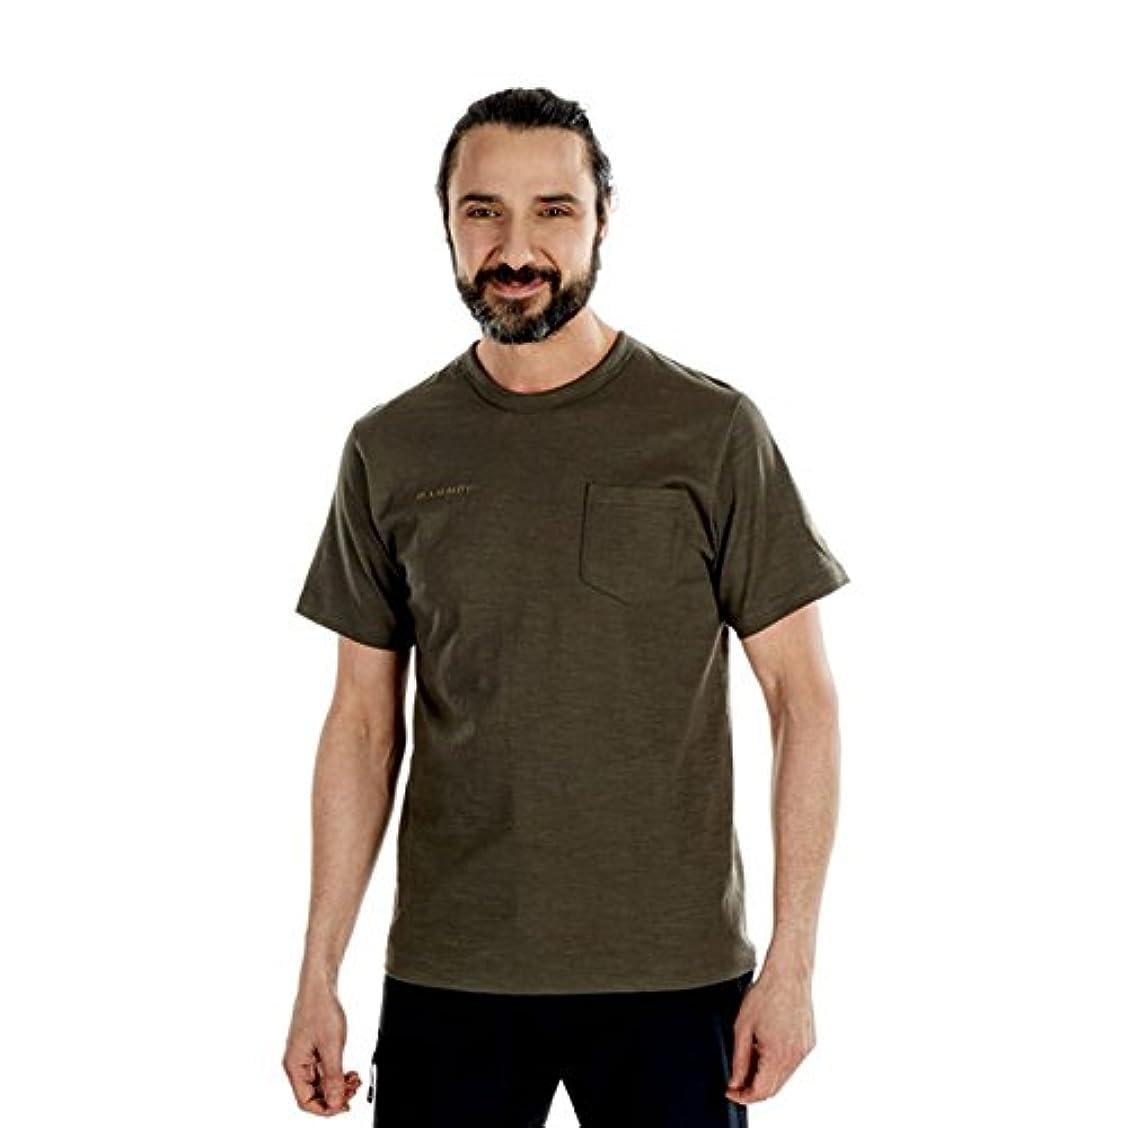 セレナ練る困惑[マムート] コットン ポケット Tシャツ 1017-10001 メンズ